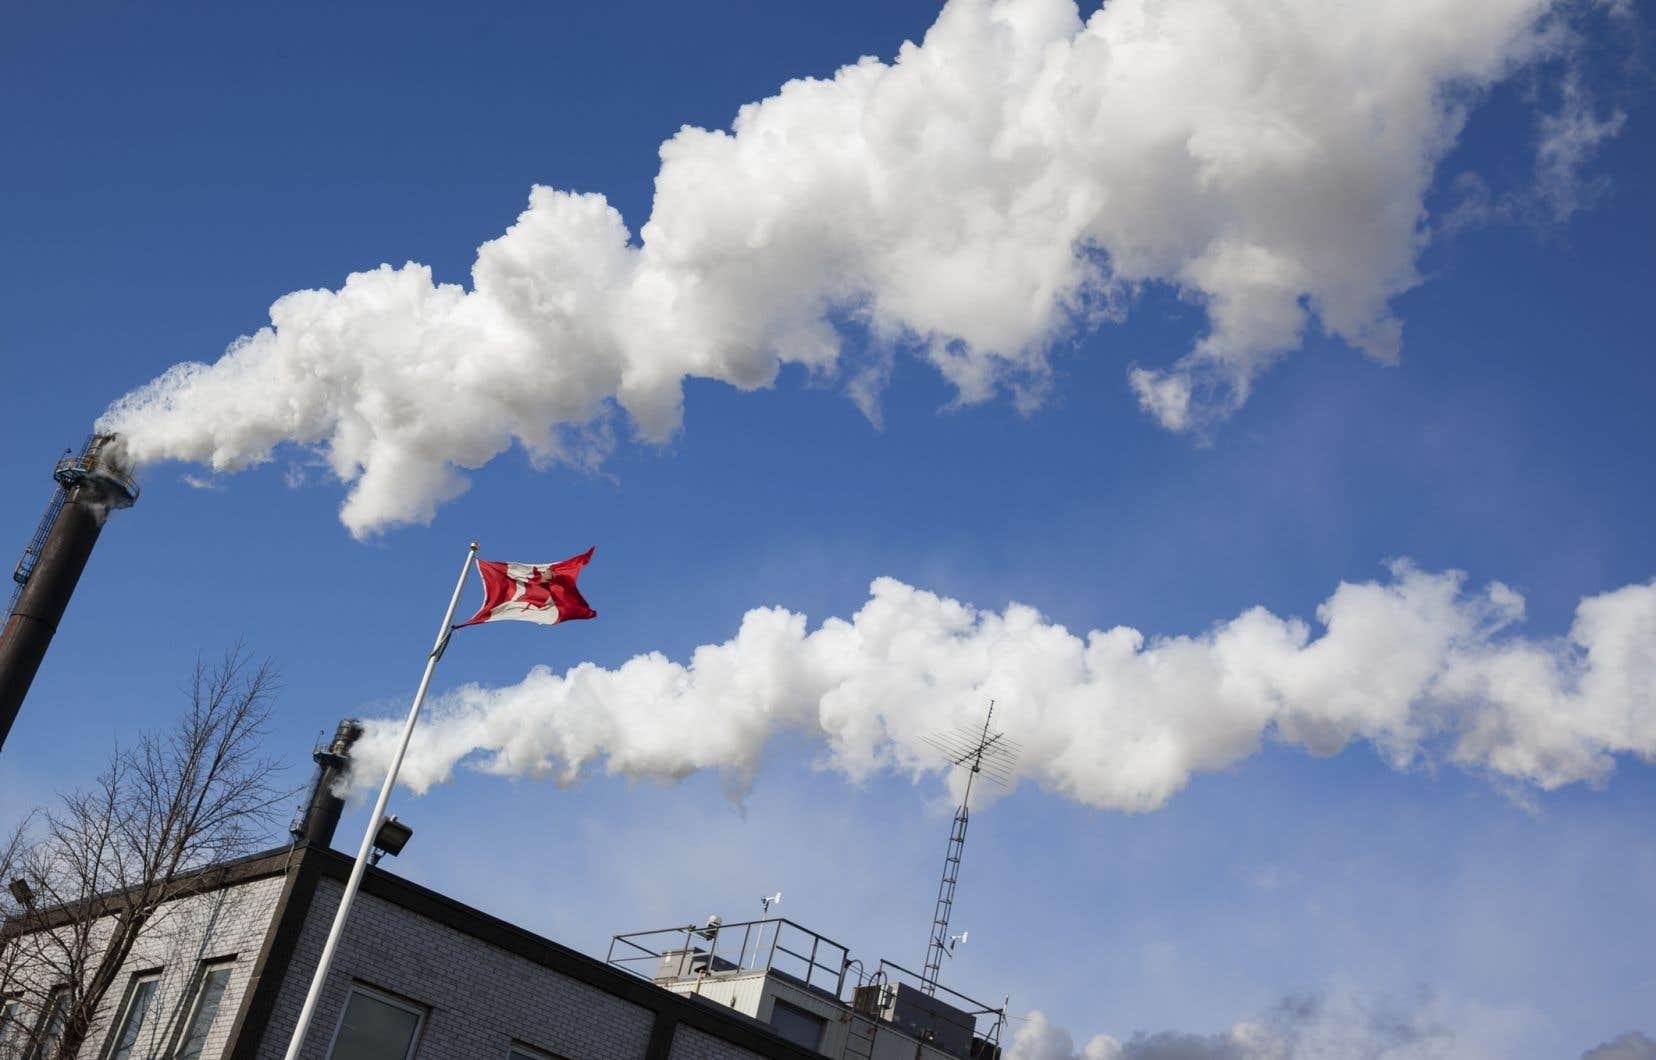 Le scientifique en chef du Québec, Rémi Quirion, a cité en exemple la cible non atteinte de 37,5% des émissions de gaz à effet de serre d'ici 2030.